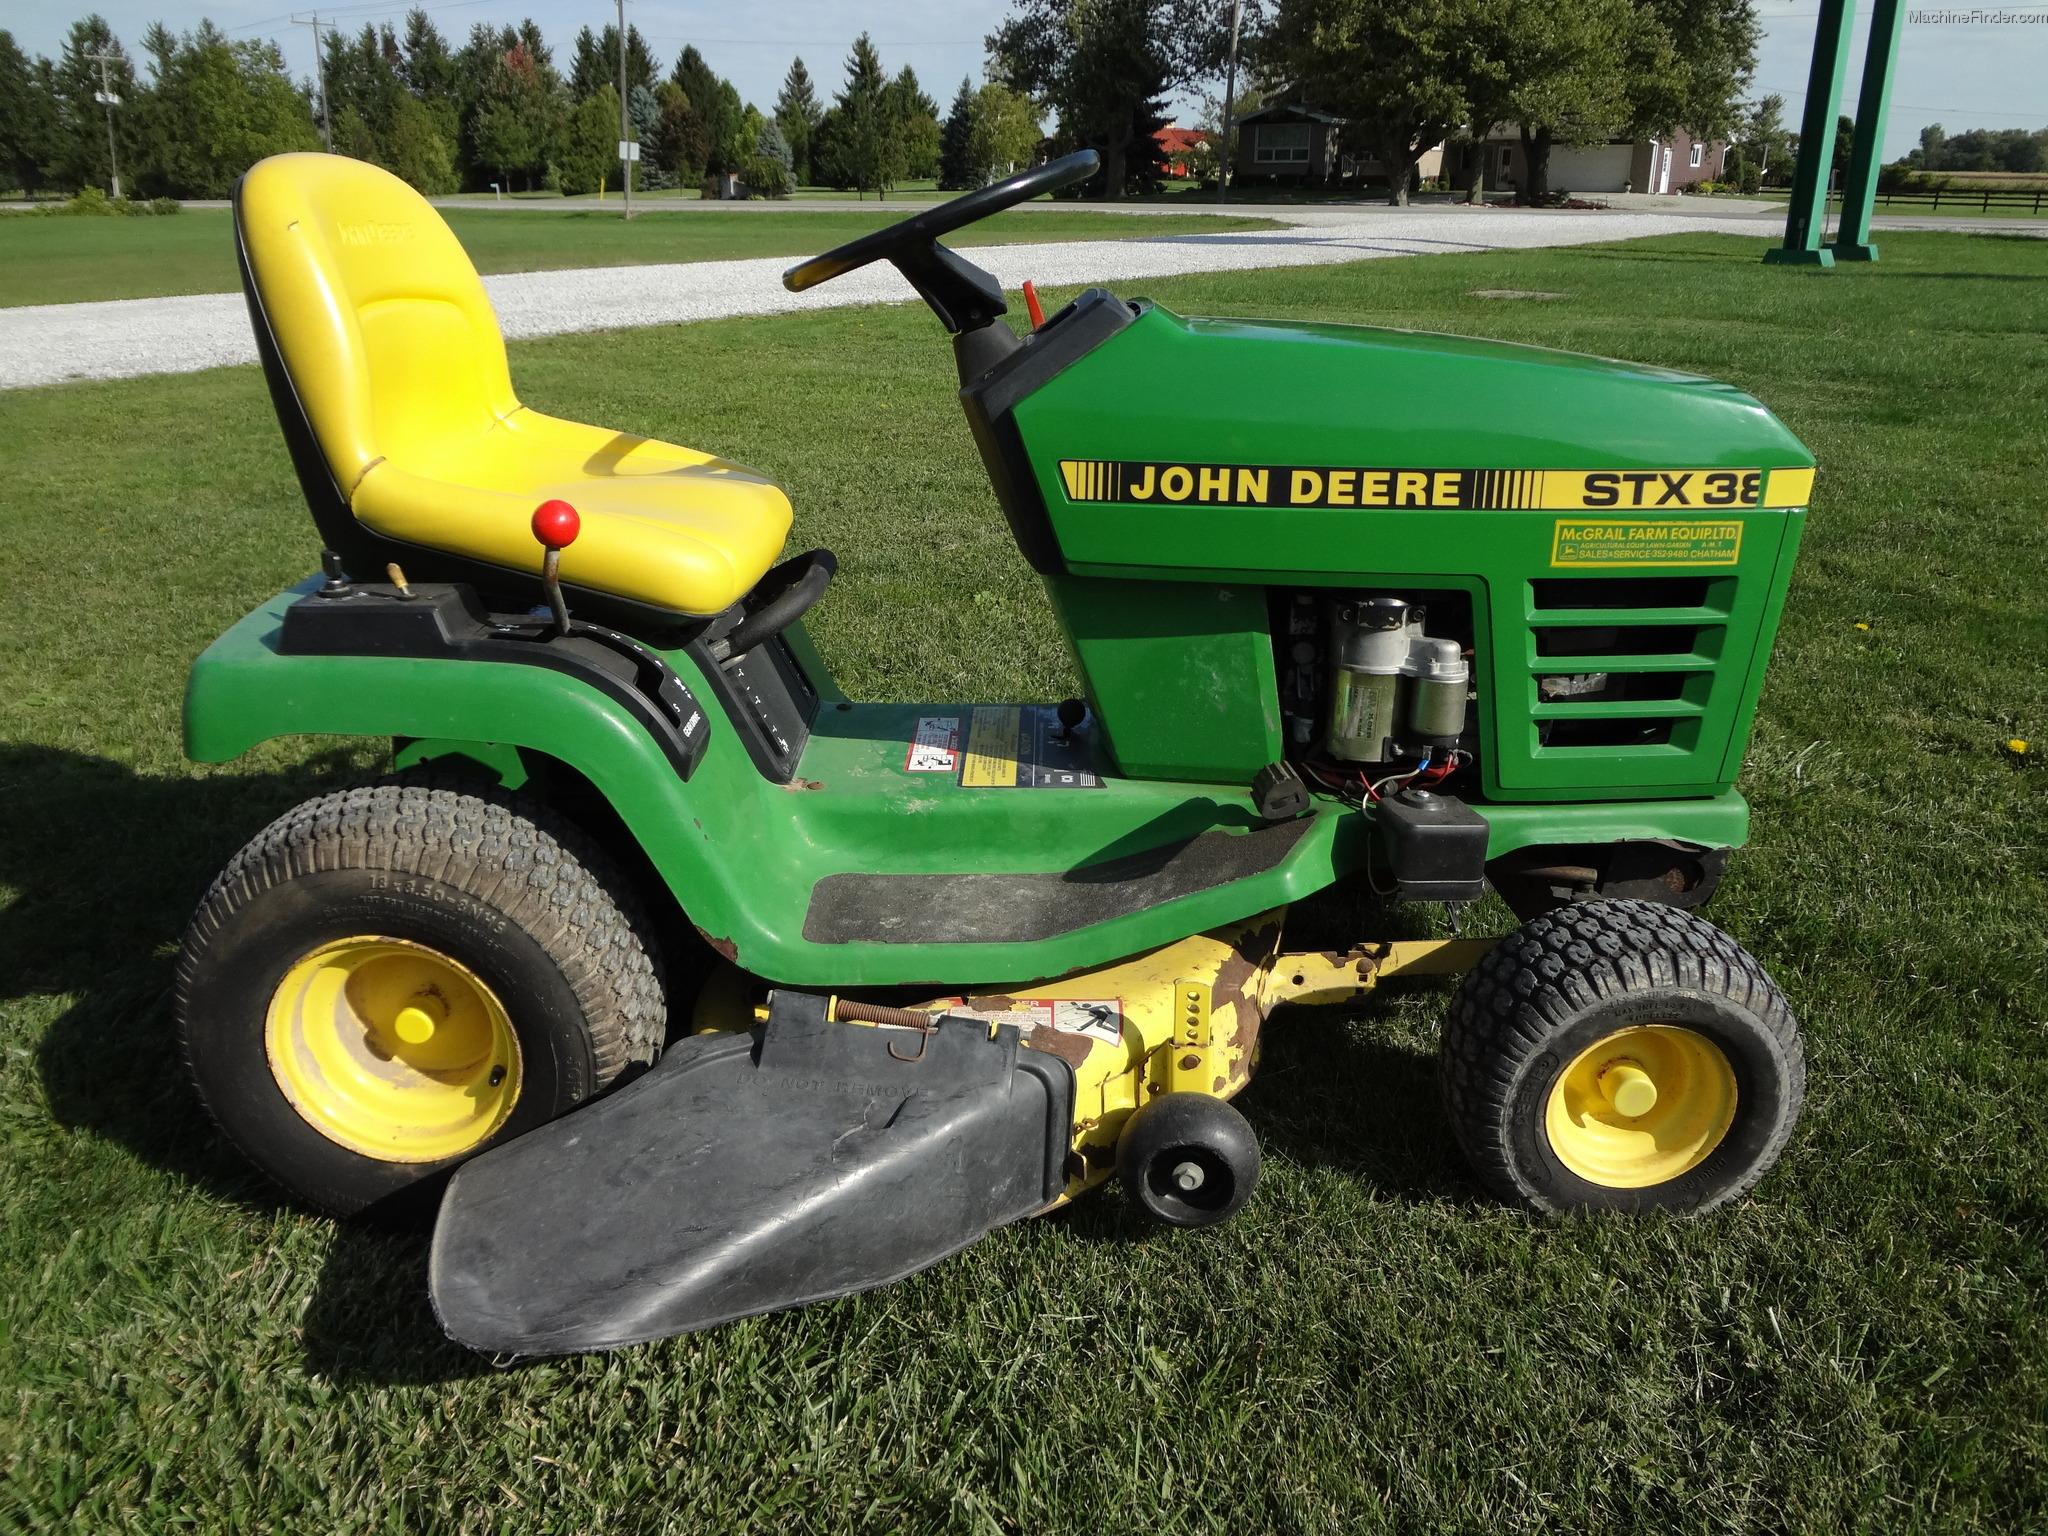 Deck Repair John Deere Stx38 Mower. John Deere Stx38 Mower Deck Repair. John Deere. John Deere Lawn Mower Diagram 111 38 Deck At Scoala.co